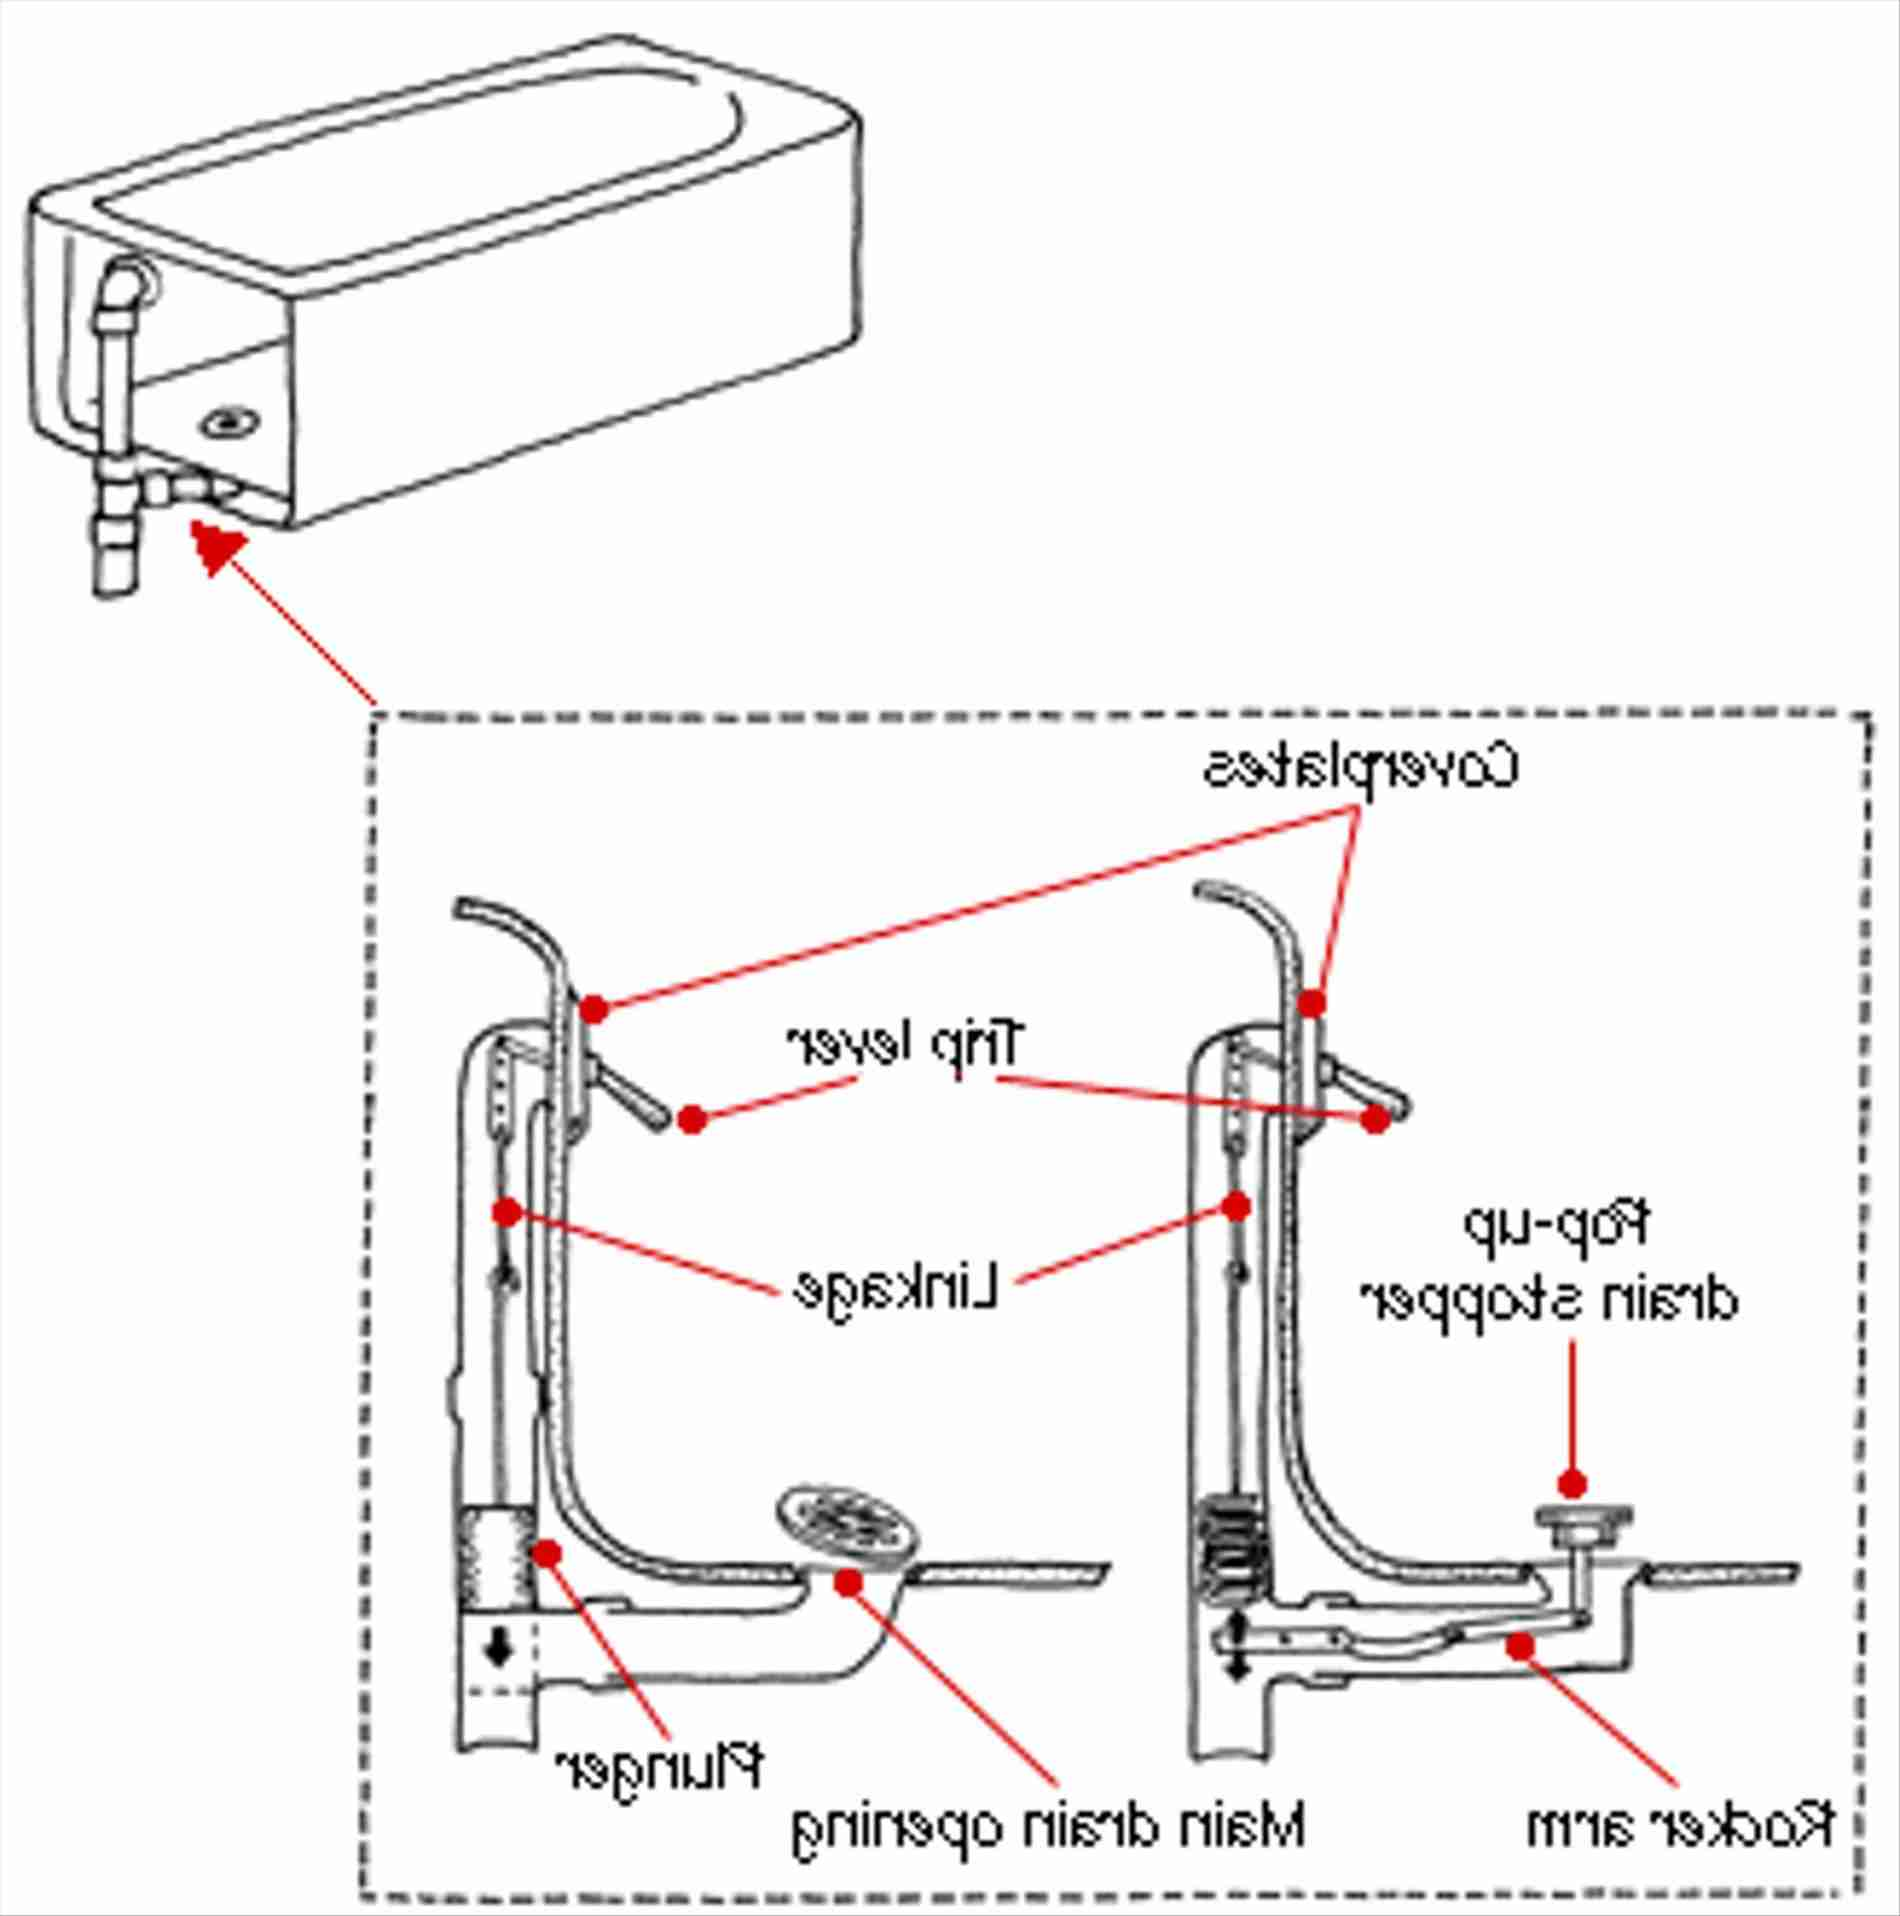 Diagram Whirlpool Bathtub Wiring Diagram Full Version Hd Quality Wiring Diagram Diagramm Discountdellapiastrella It